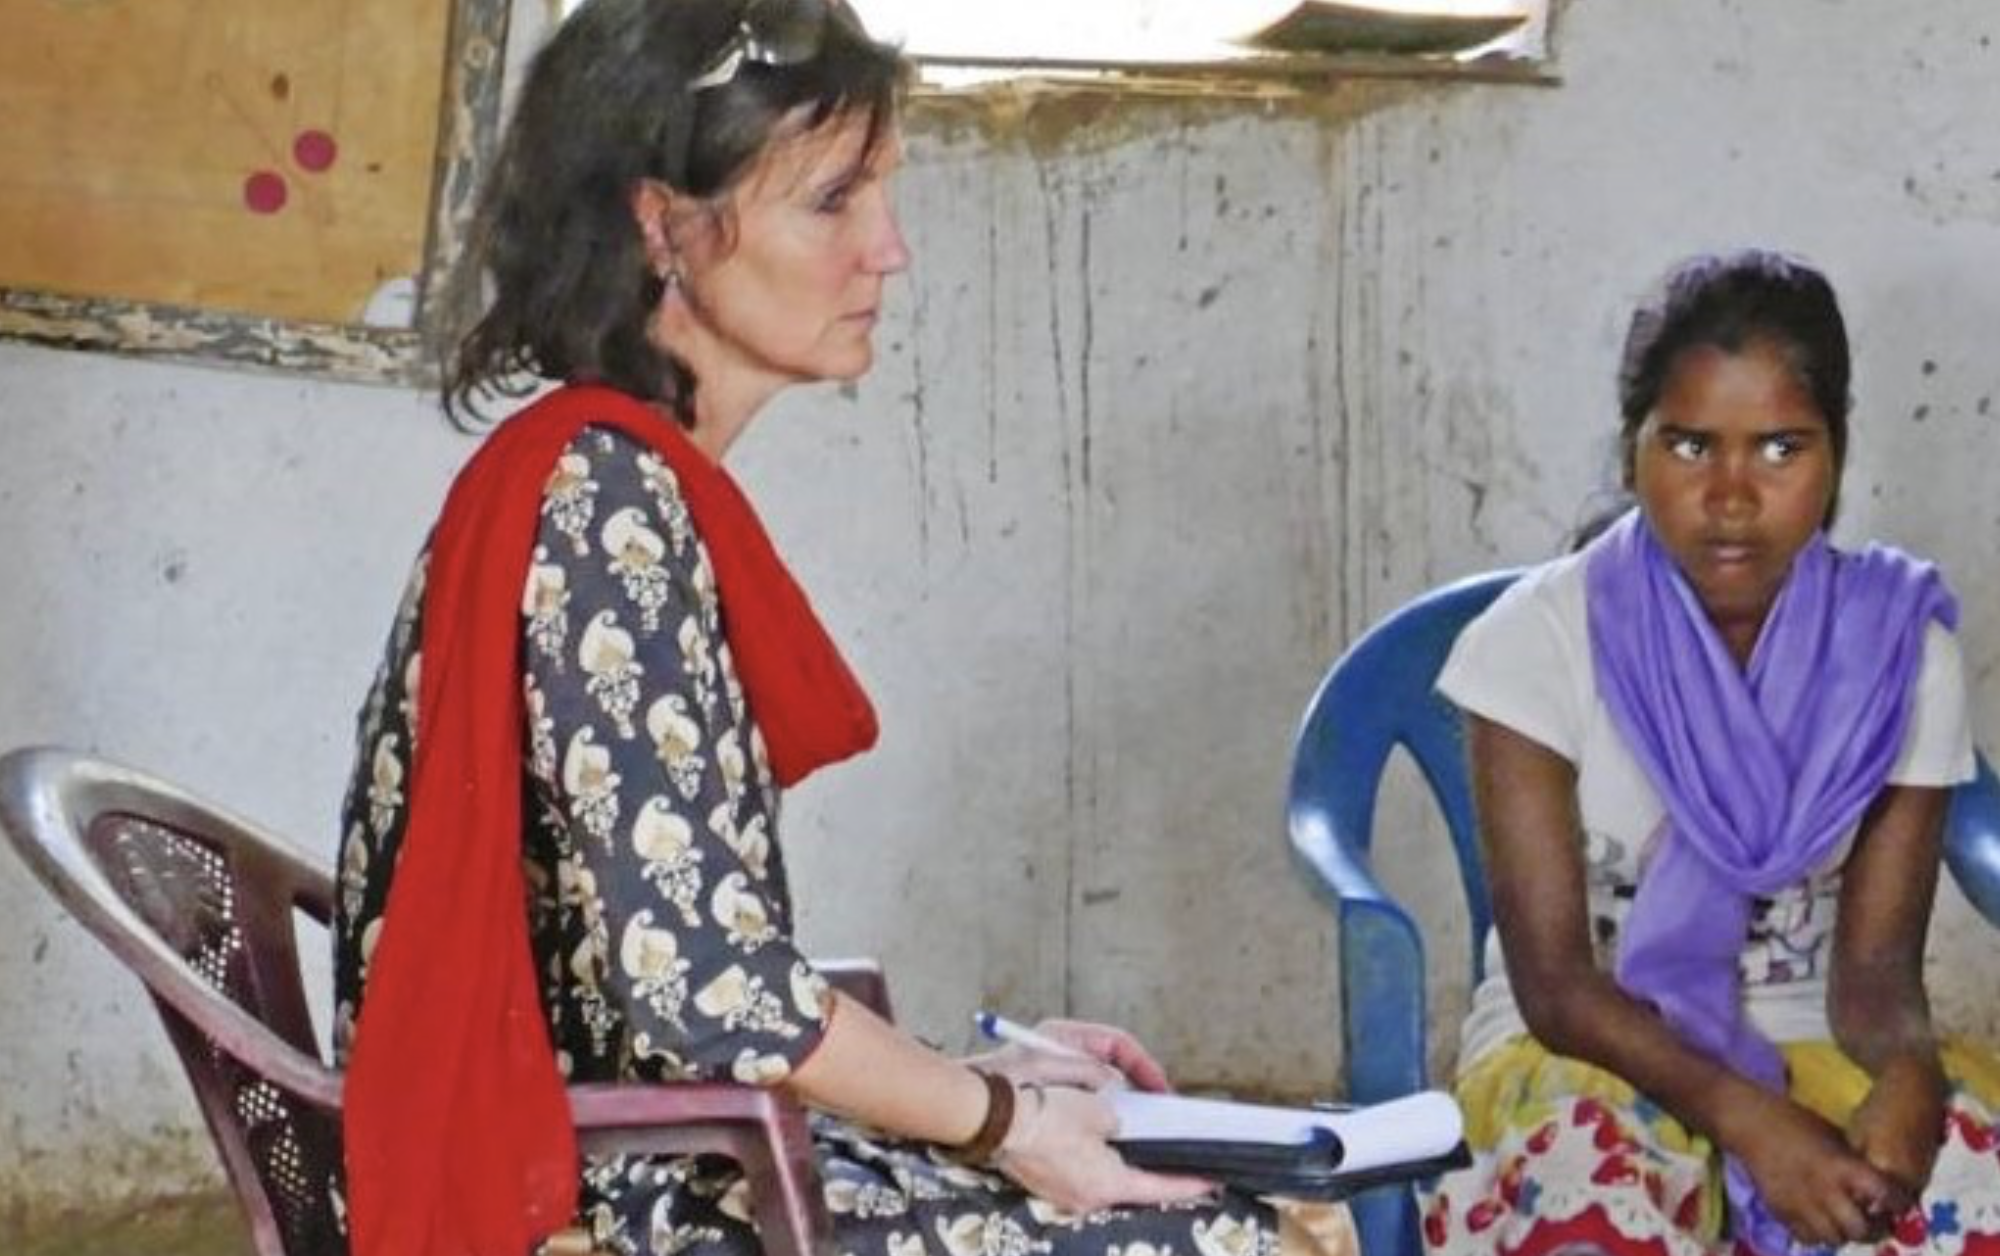 La Solidarité Chrétienne obtient la libération d'une fillette en Inde